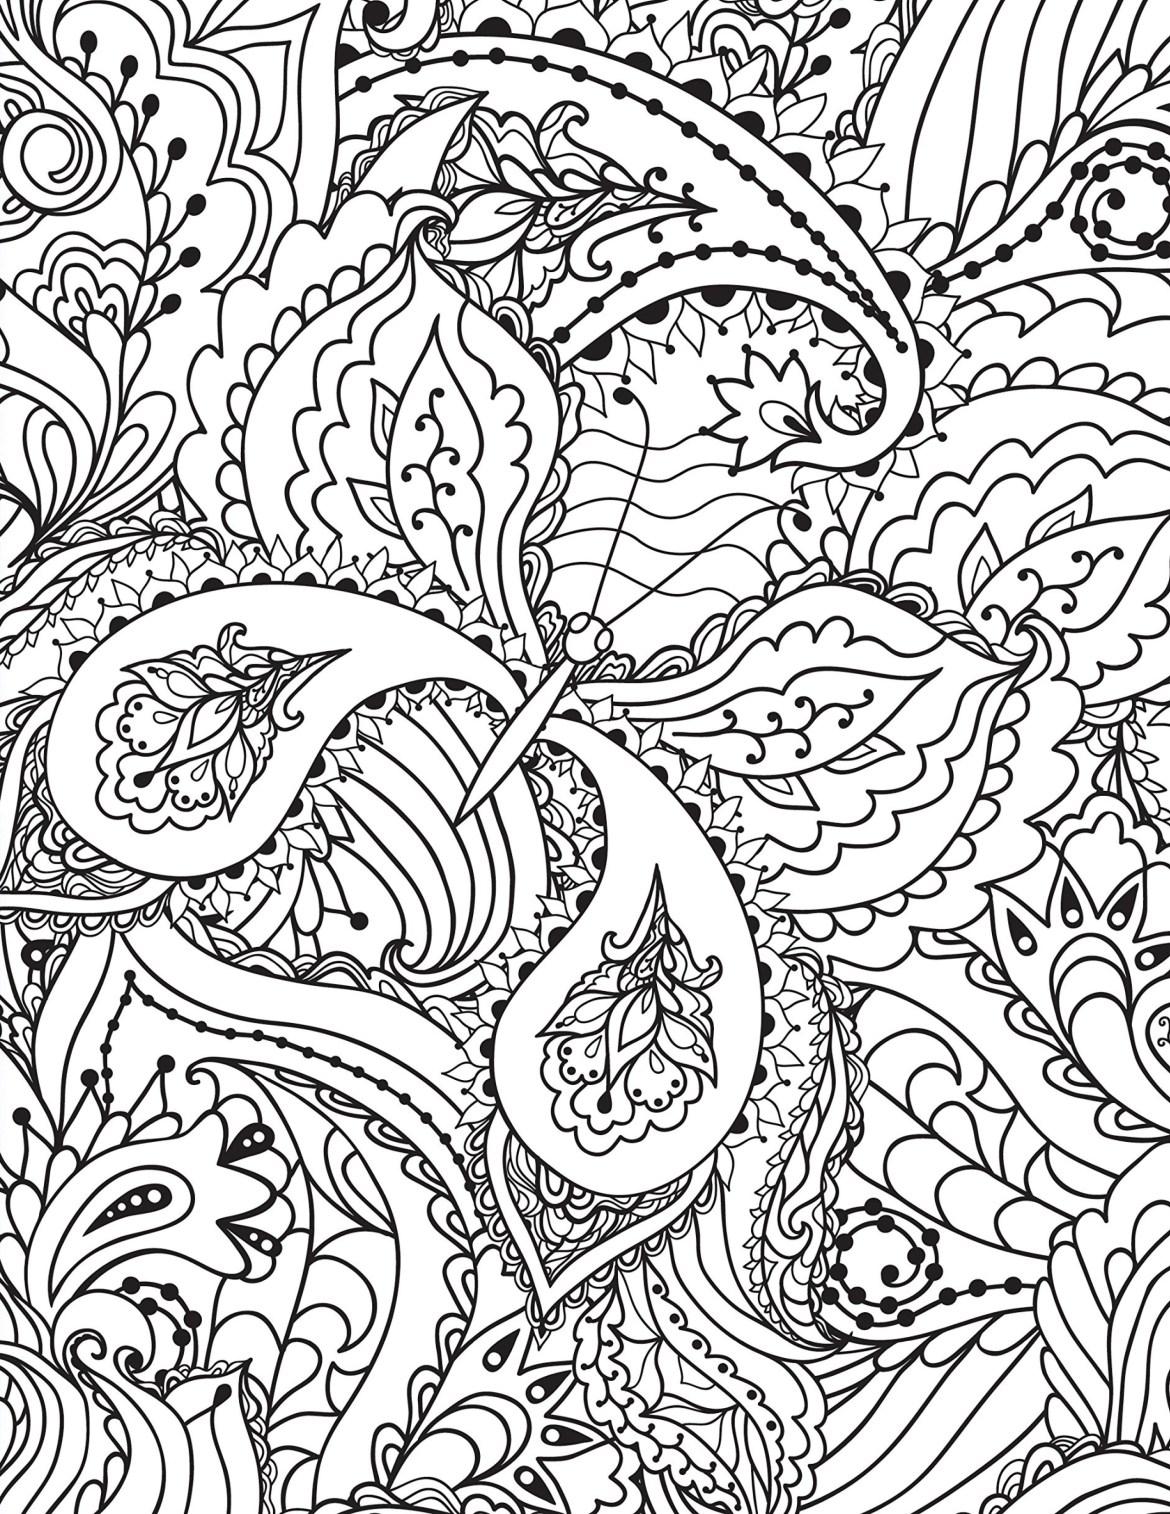 Coloriage doodle papillon très difficile à imprimer